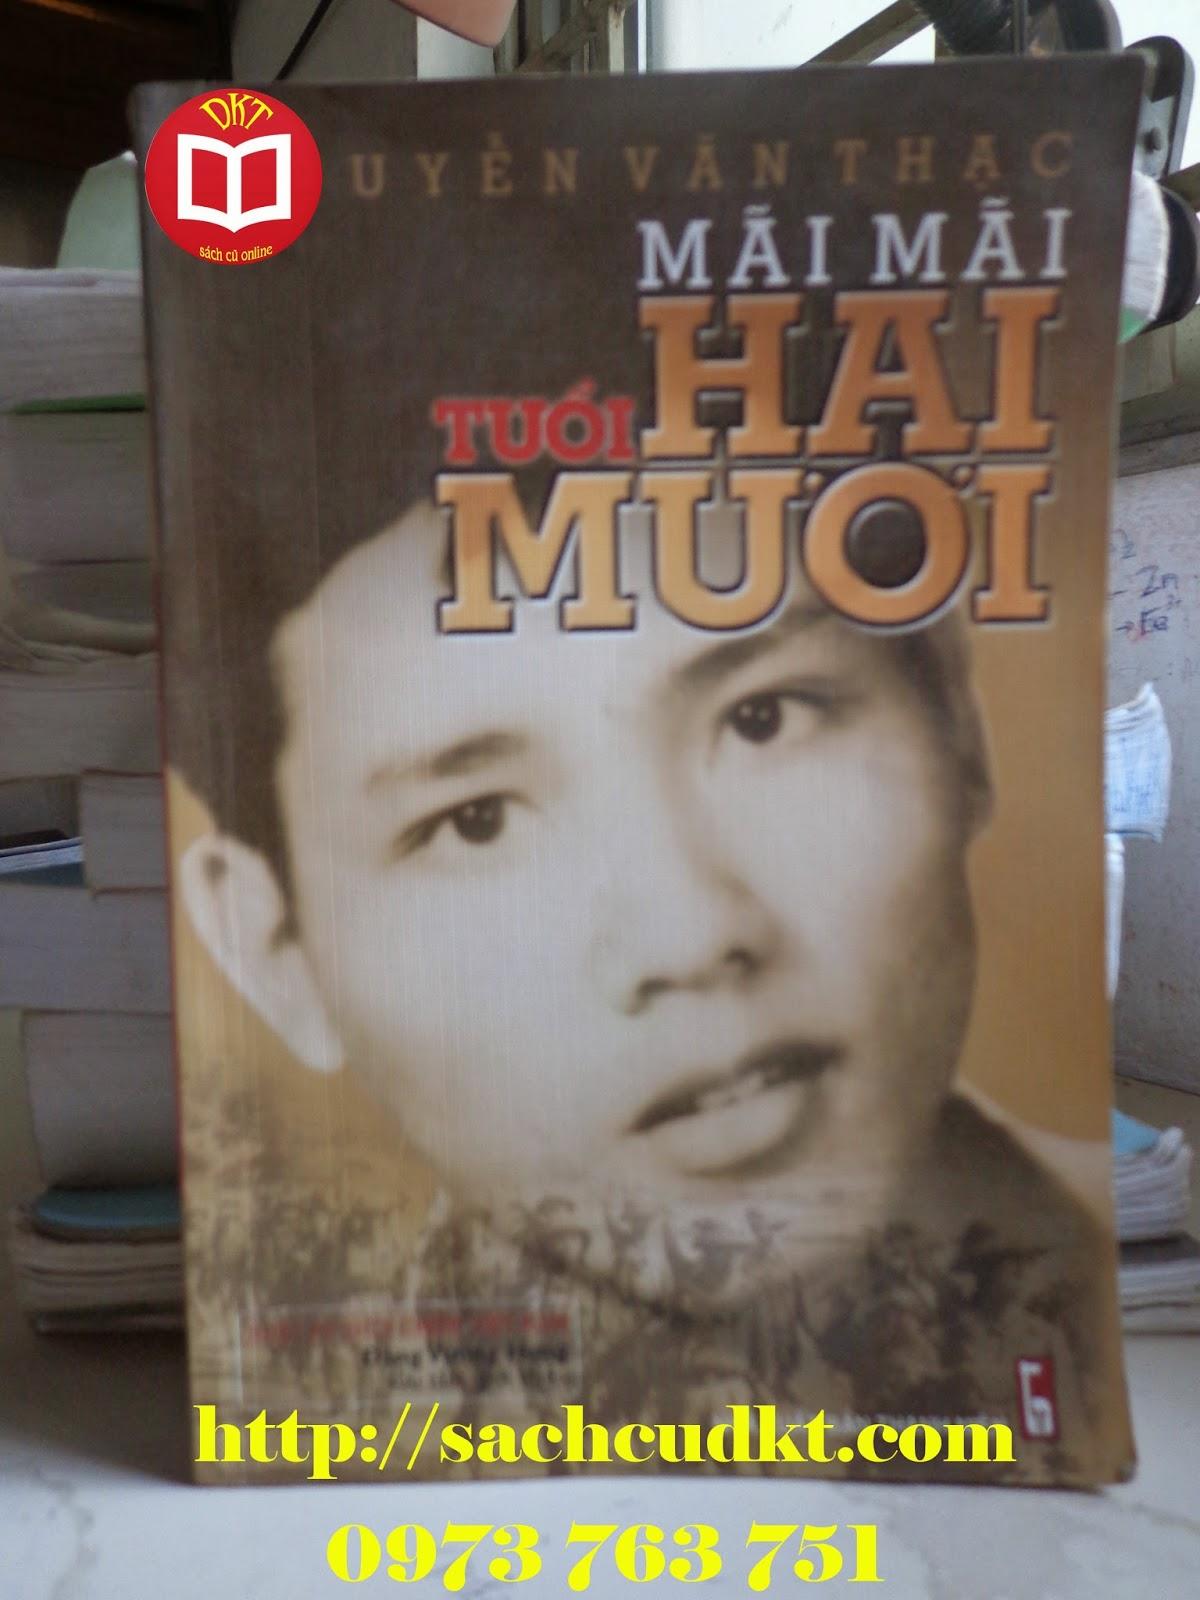 Nhật ký Mãi mãi tuổi 20 - Nguyễn Văn Thạc | Sách cũ DKT